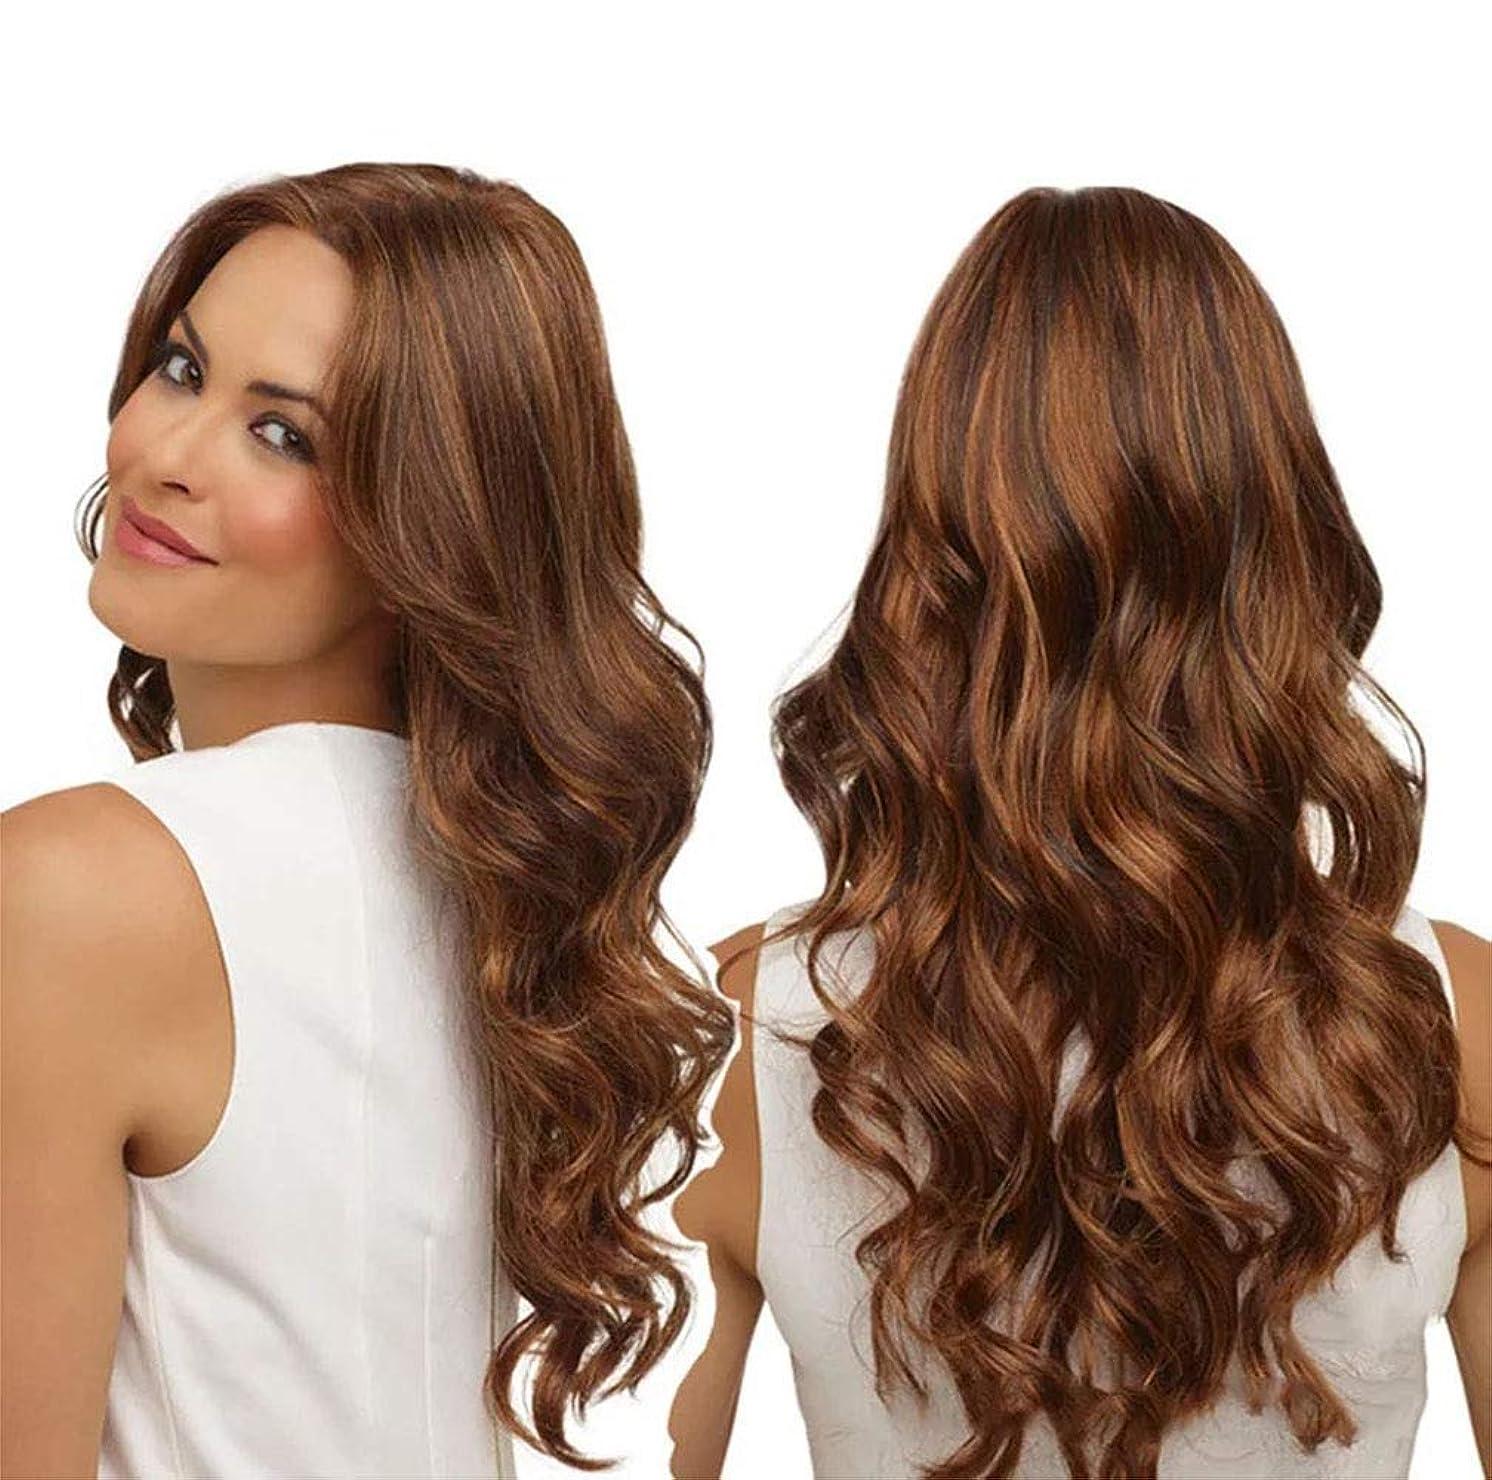 主張する音楽を聴く馬鹿女性かつら150%密度耐熱合成繊維人毛水波かつらベビー髪かつら65センチ